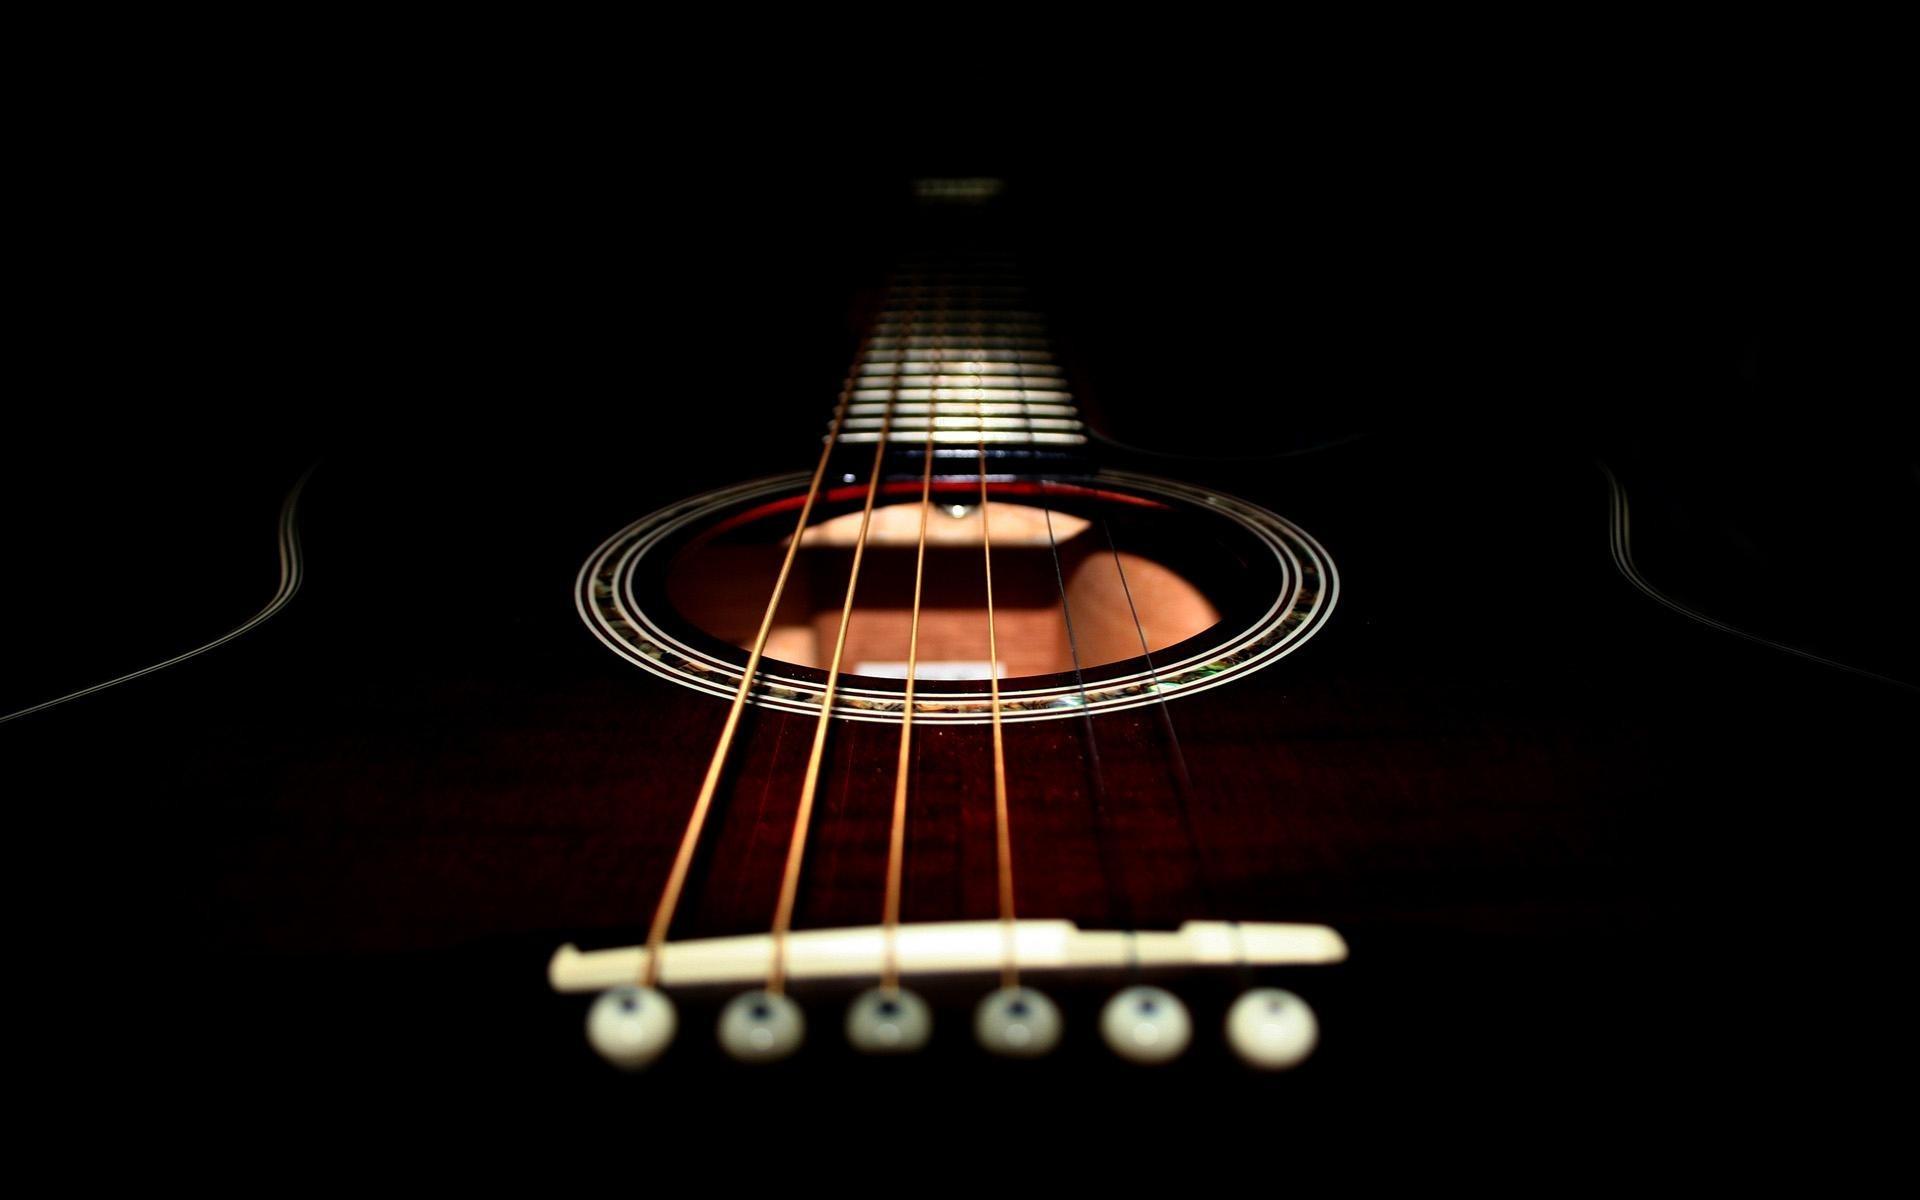 музыкальный инструмент струны макро загрузить